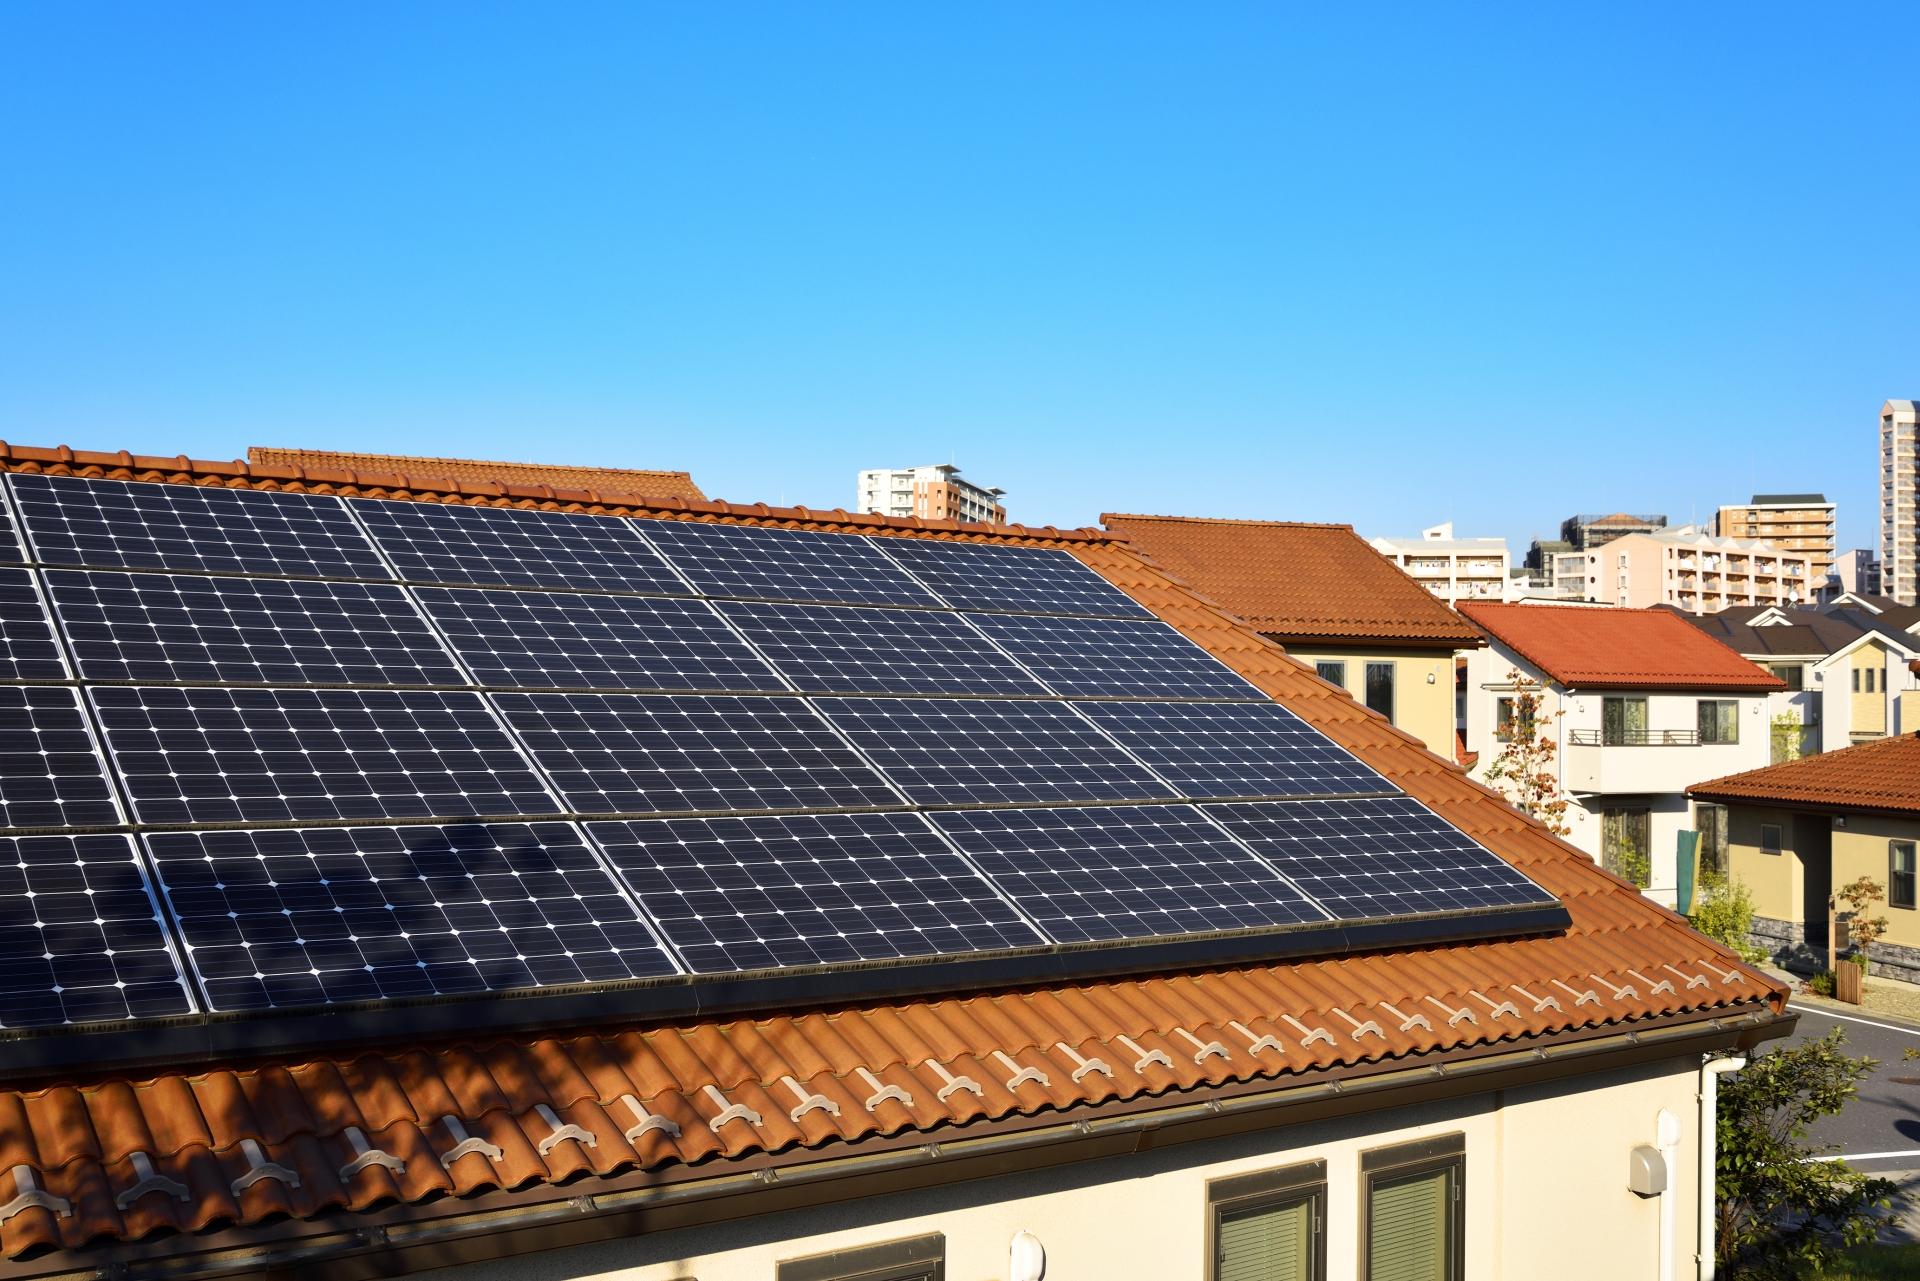 太陽光発電のメリットデメリットや問題点【初心者向け】